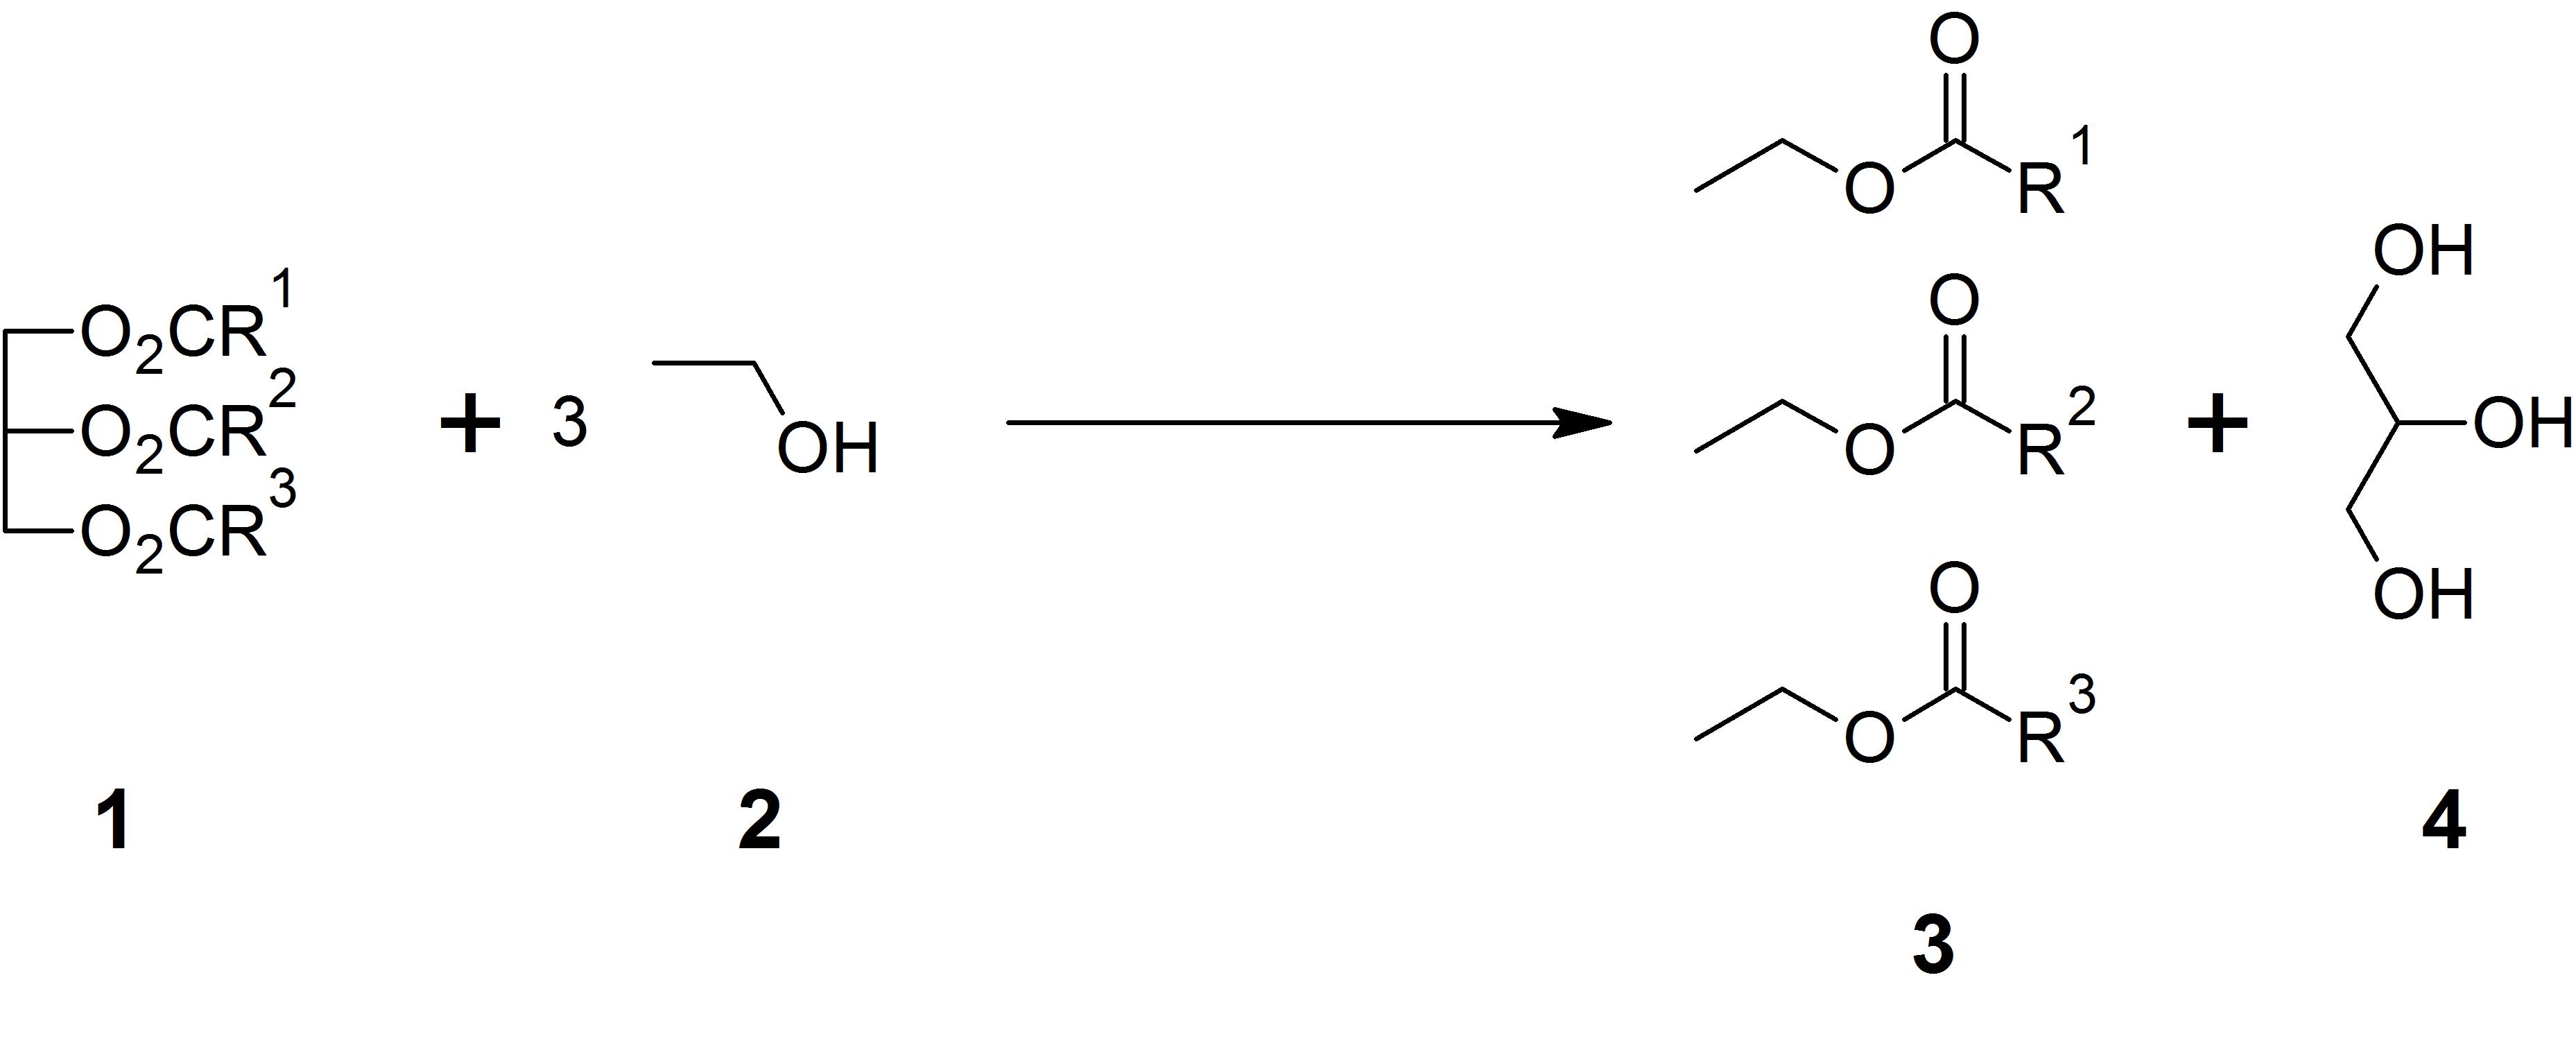 Glycérol; glycerine; 1,2,3-propanetriol